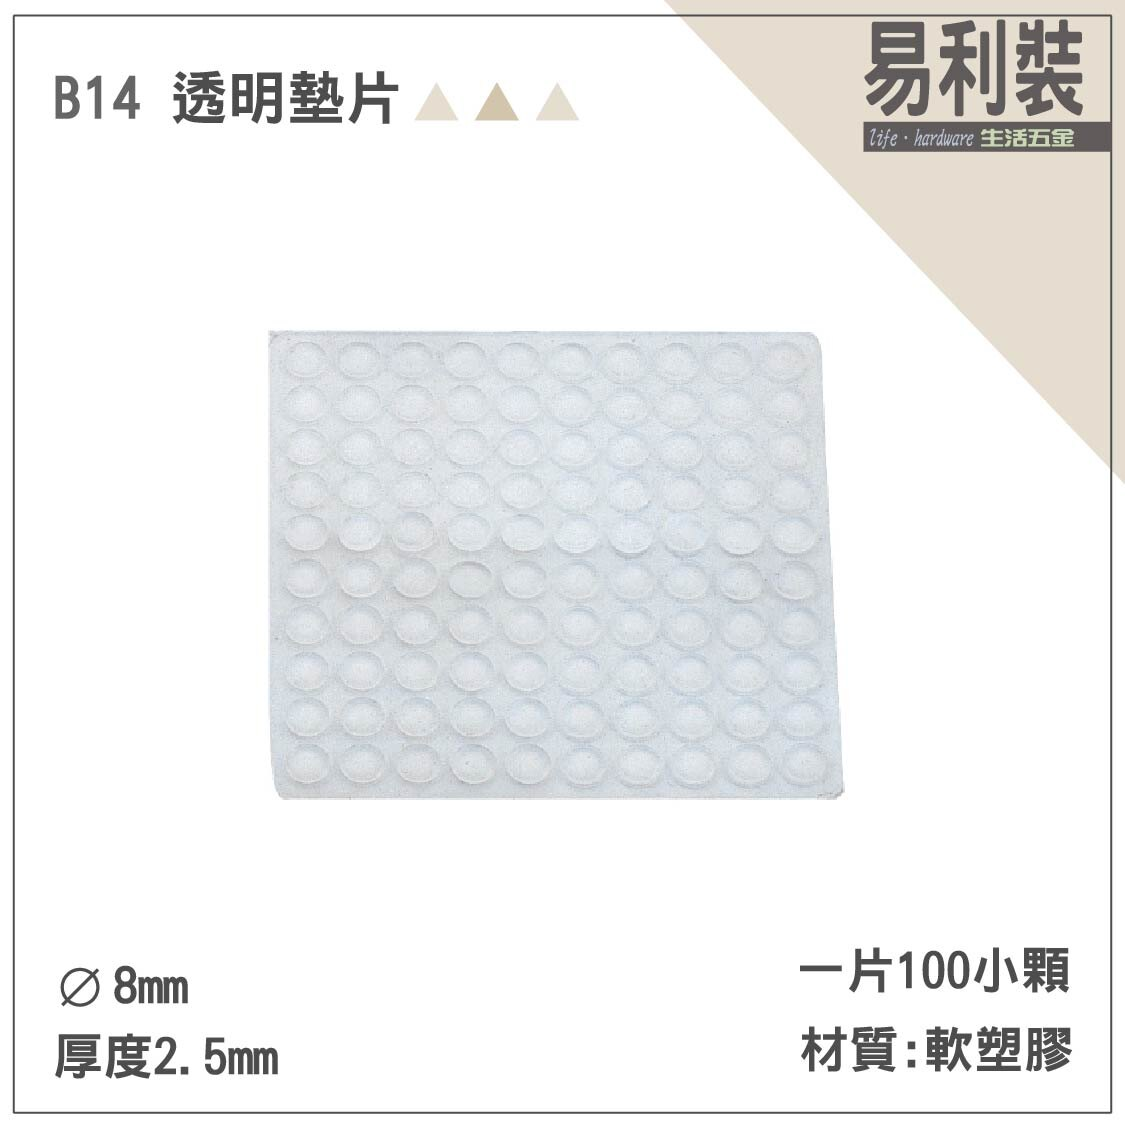 【 EASYCAN  】B14 透明墊片 1片100顆 易利裝生活五金 浴室 廚房 房間 臥房 衣櫃 小資族 辦公家具 系統家具 - 限時優惠好康折扣